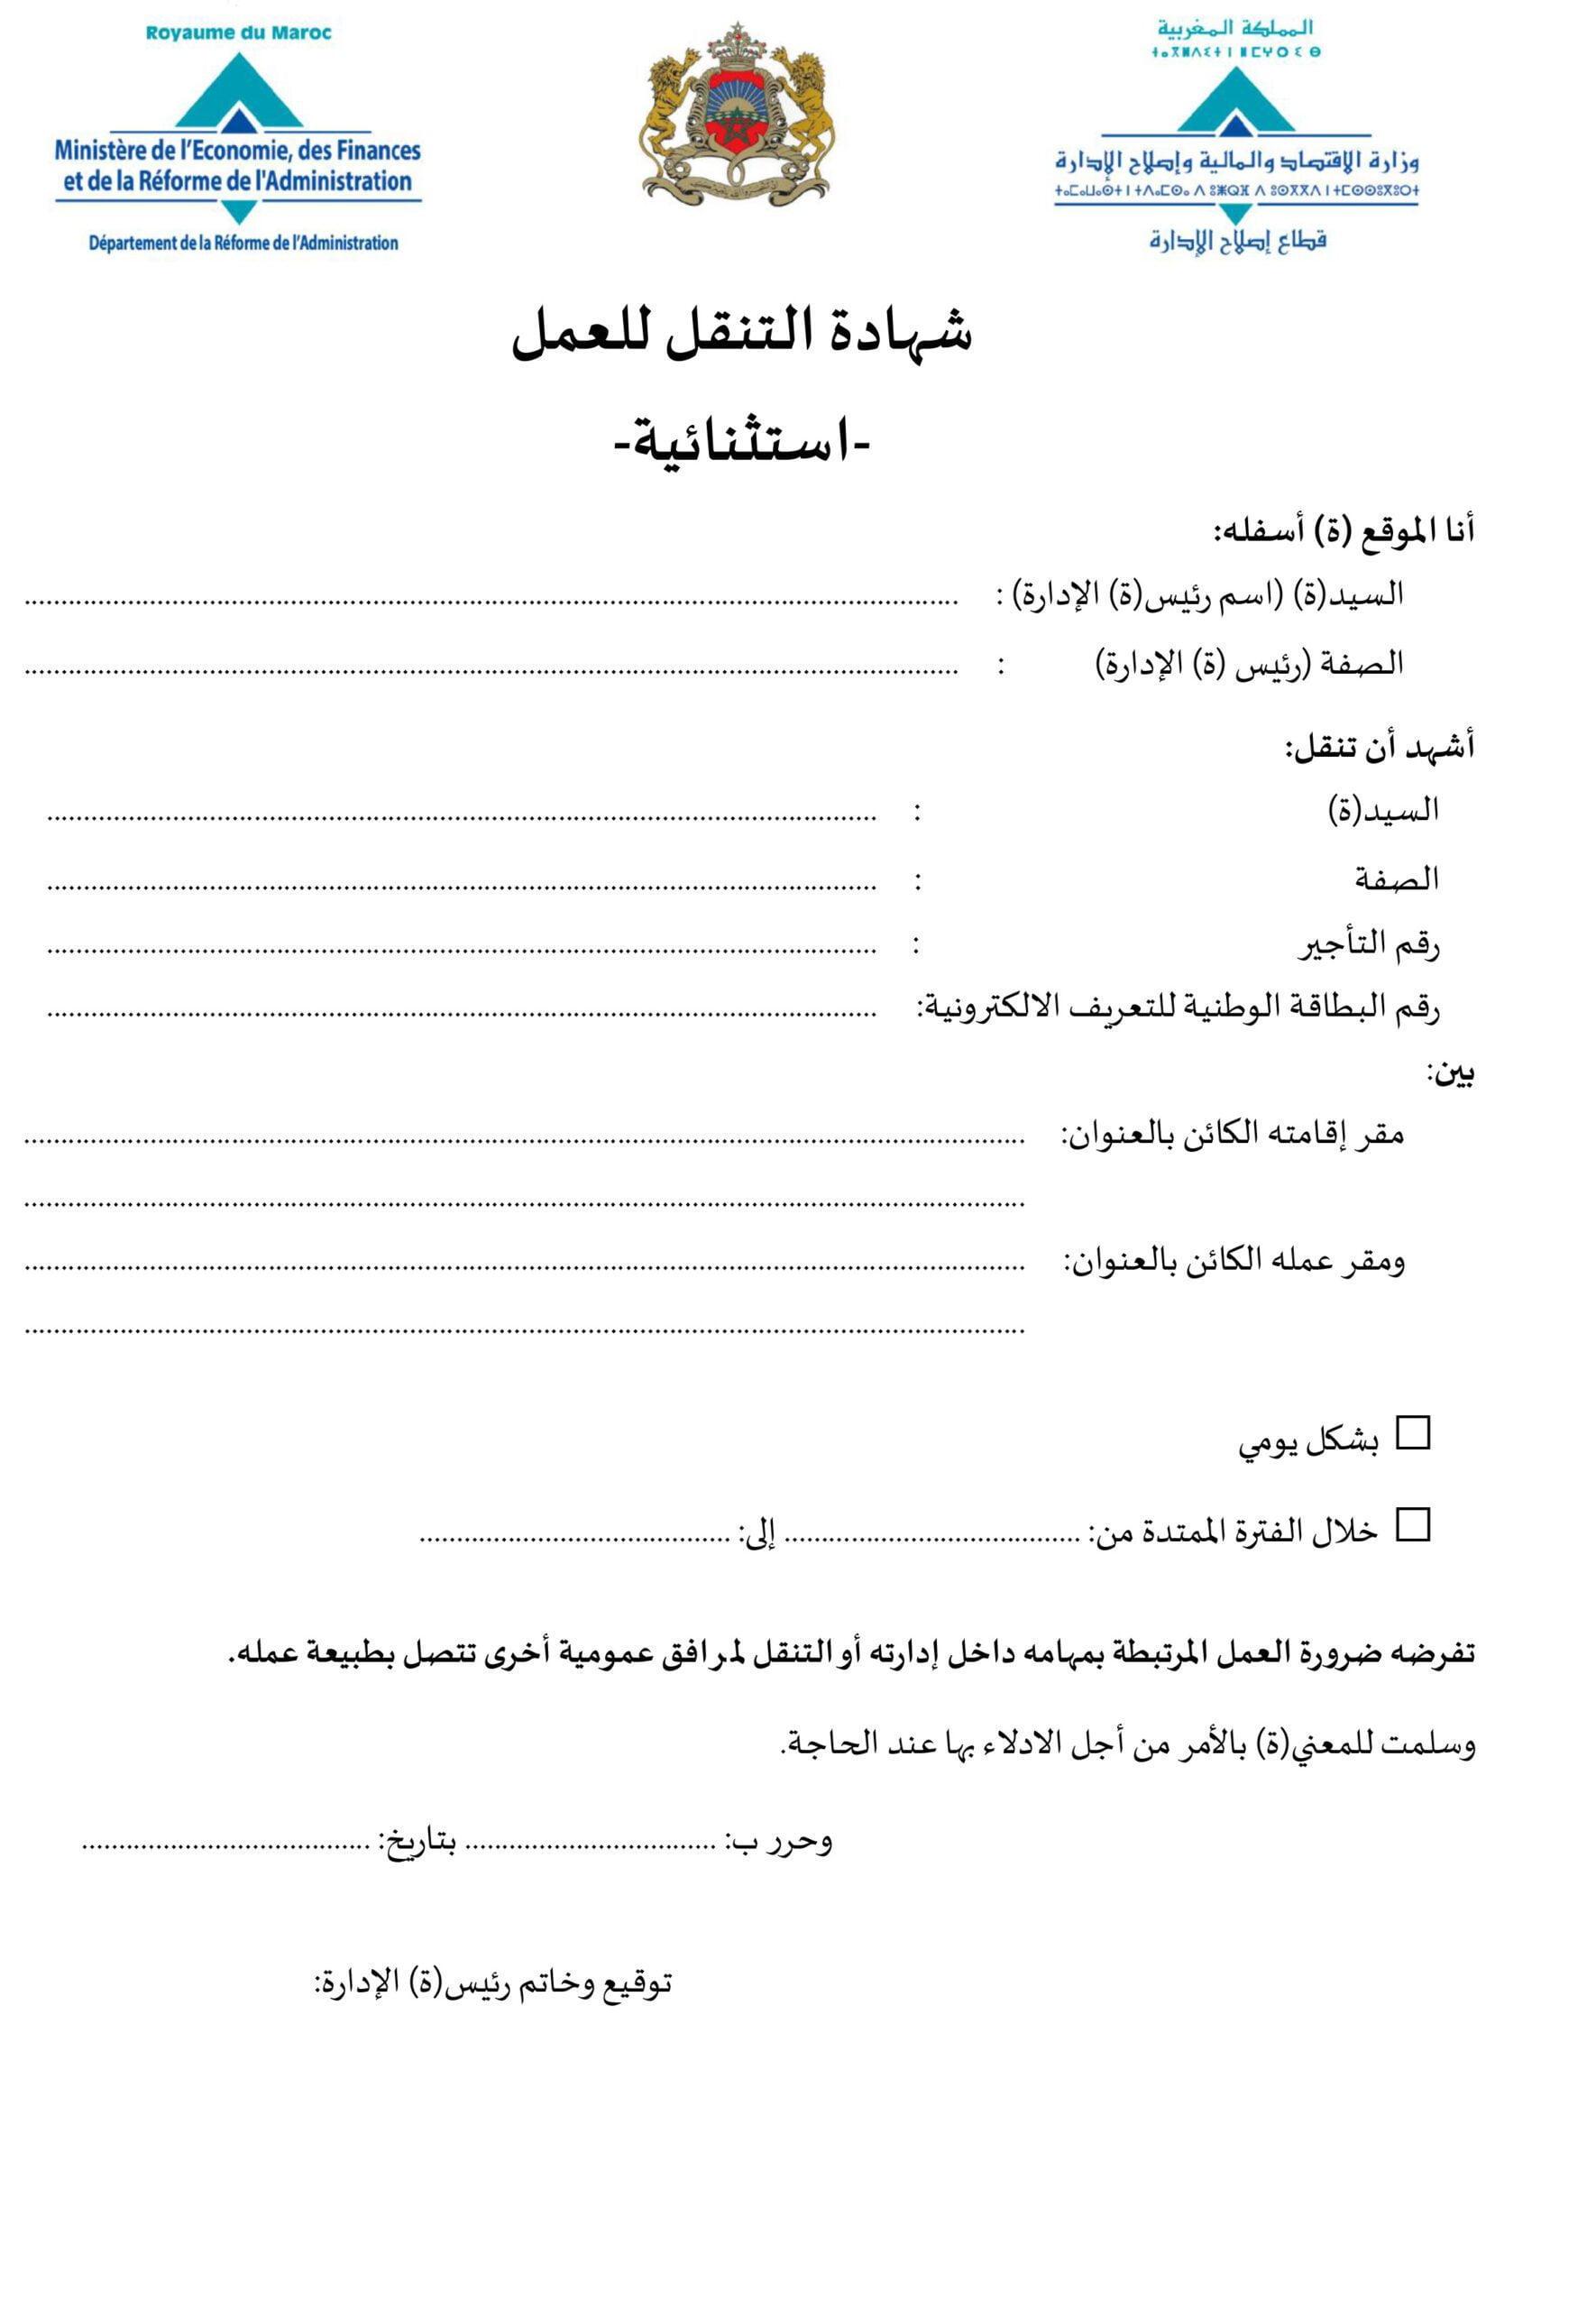 تحميل شهادة التنقل للعمل - استثنائية